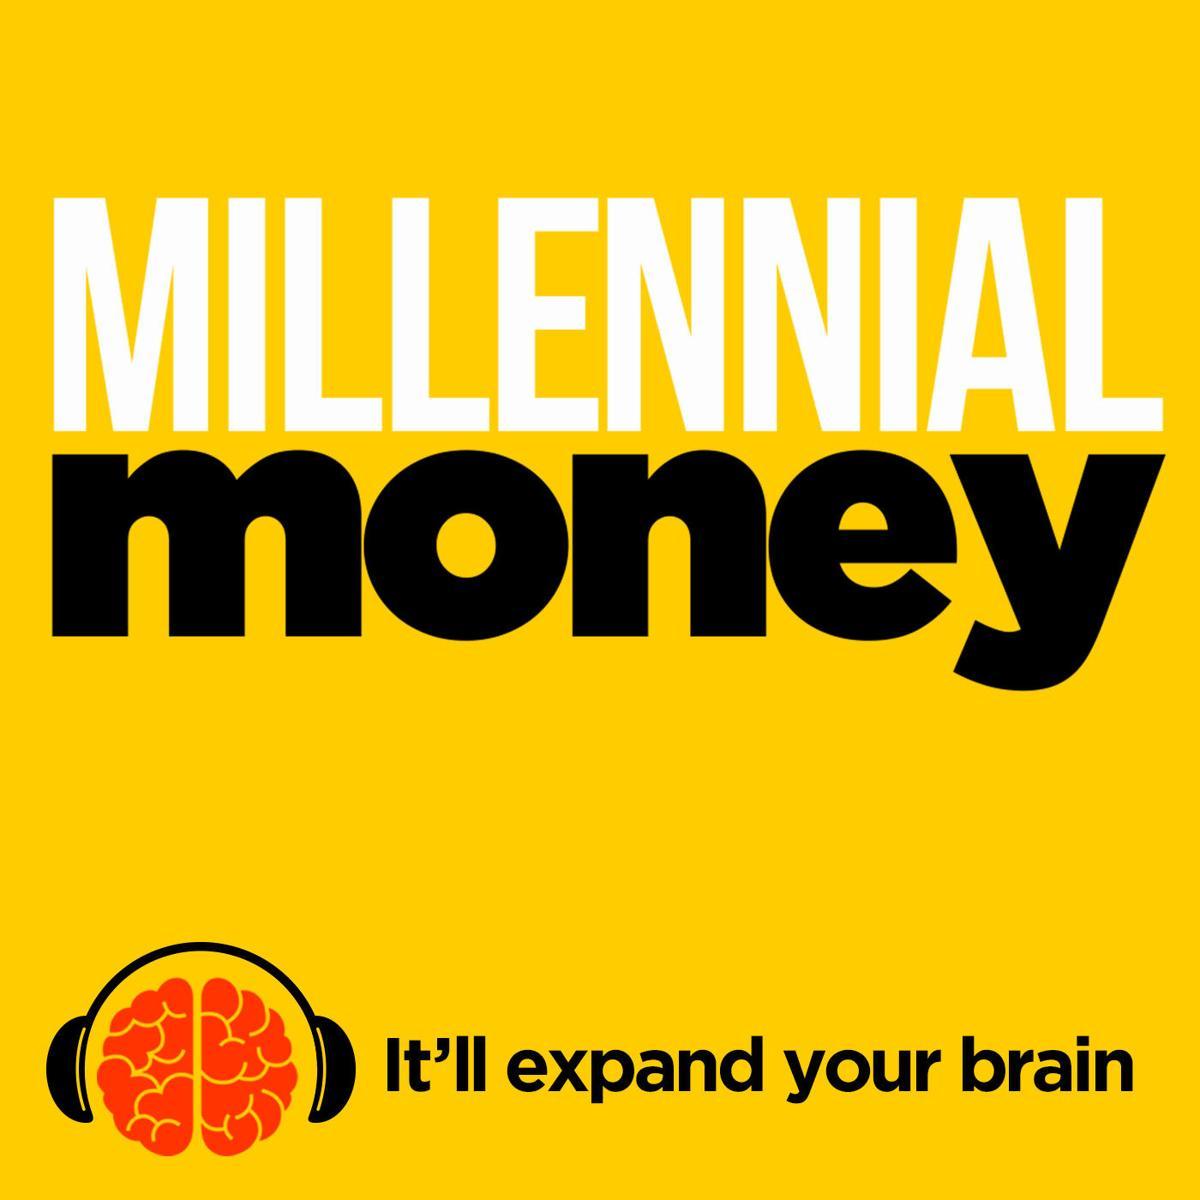 Millennial Money.jpeg